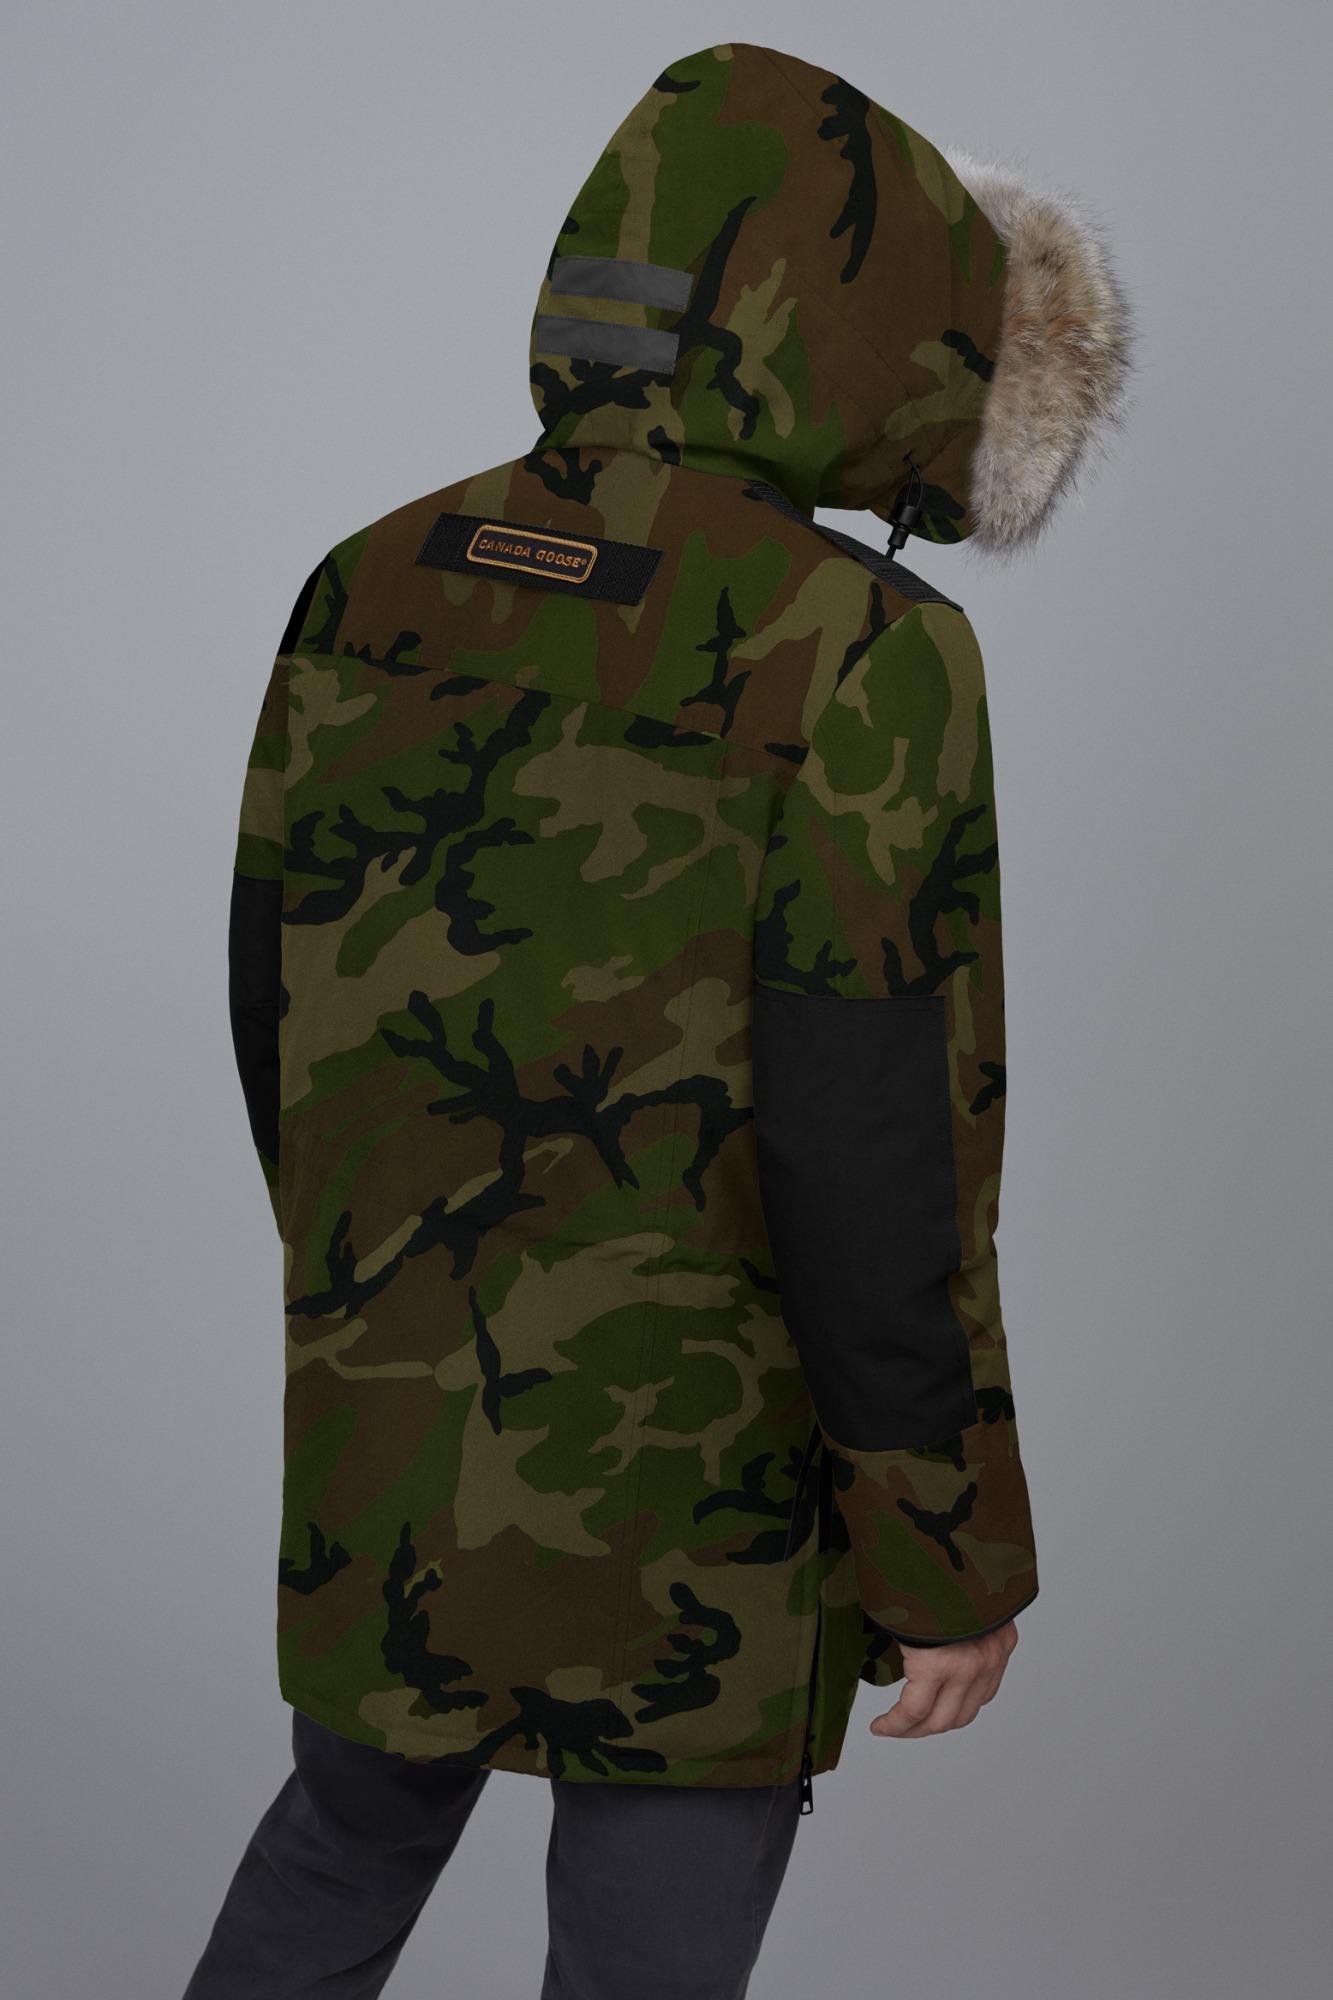 Abrigo verde military online dating